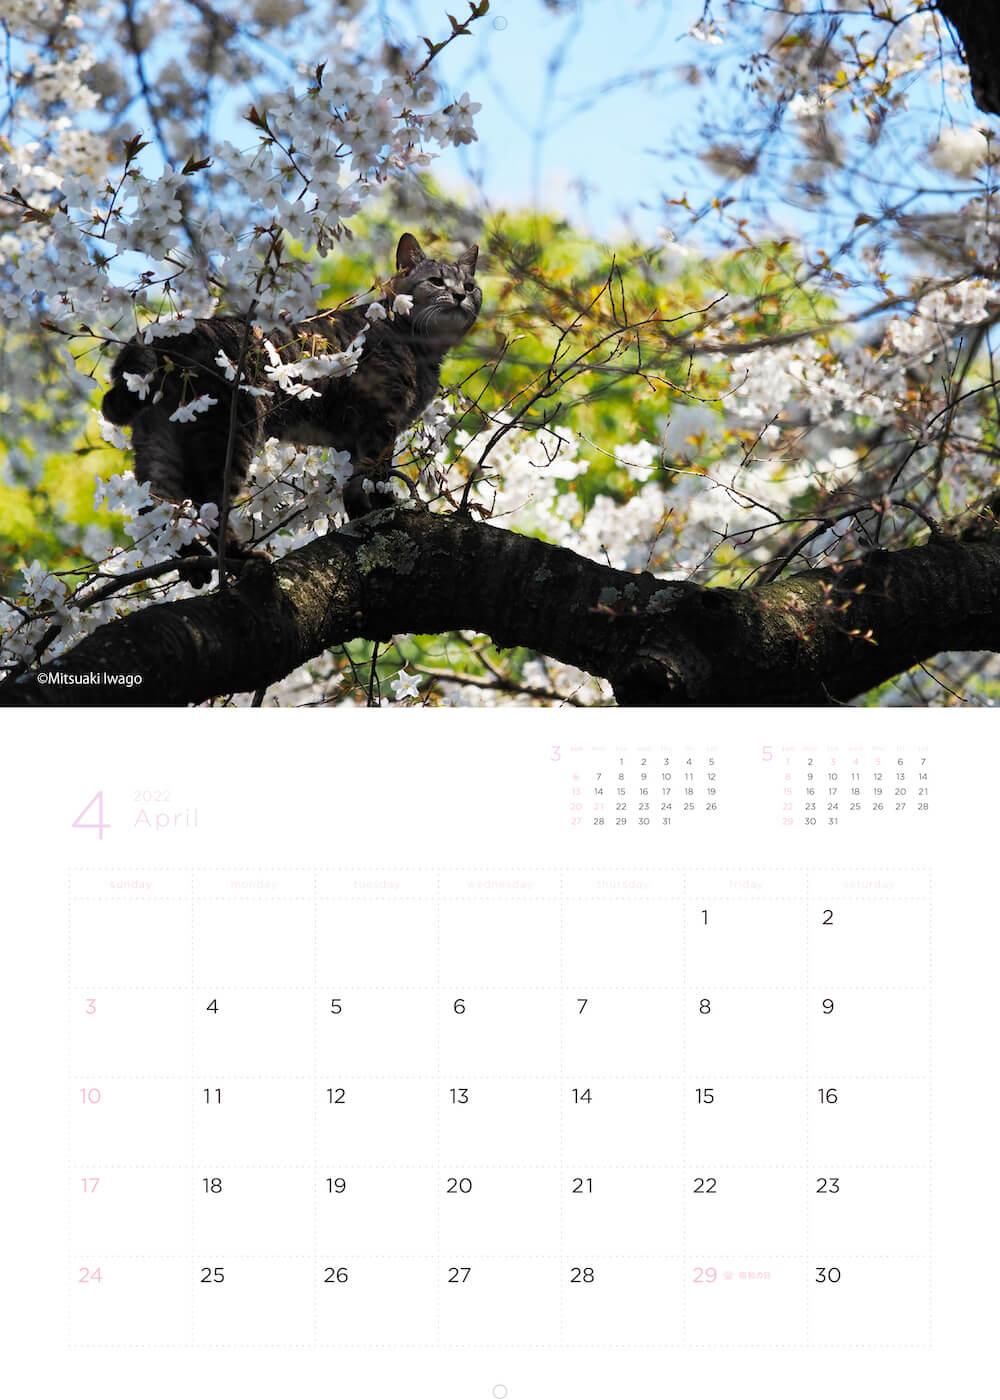 桜の木の上でお花見をする猫 by 岩合光昭カレンダー